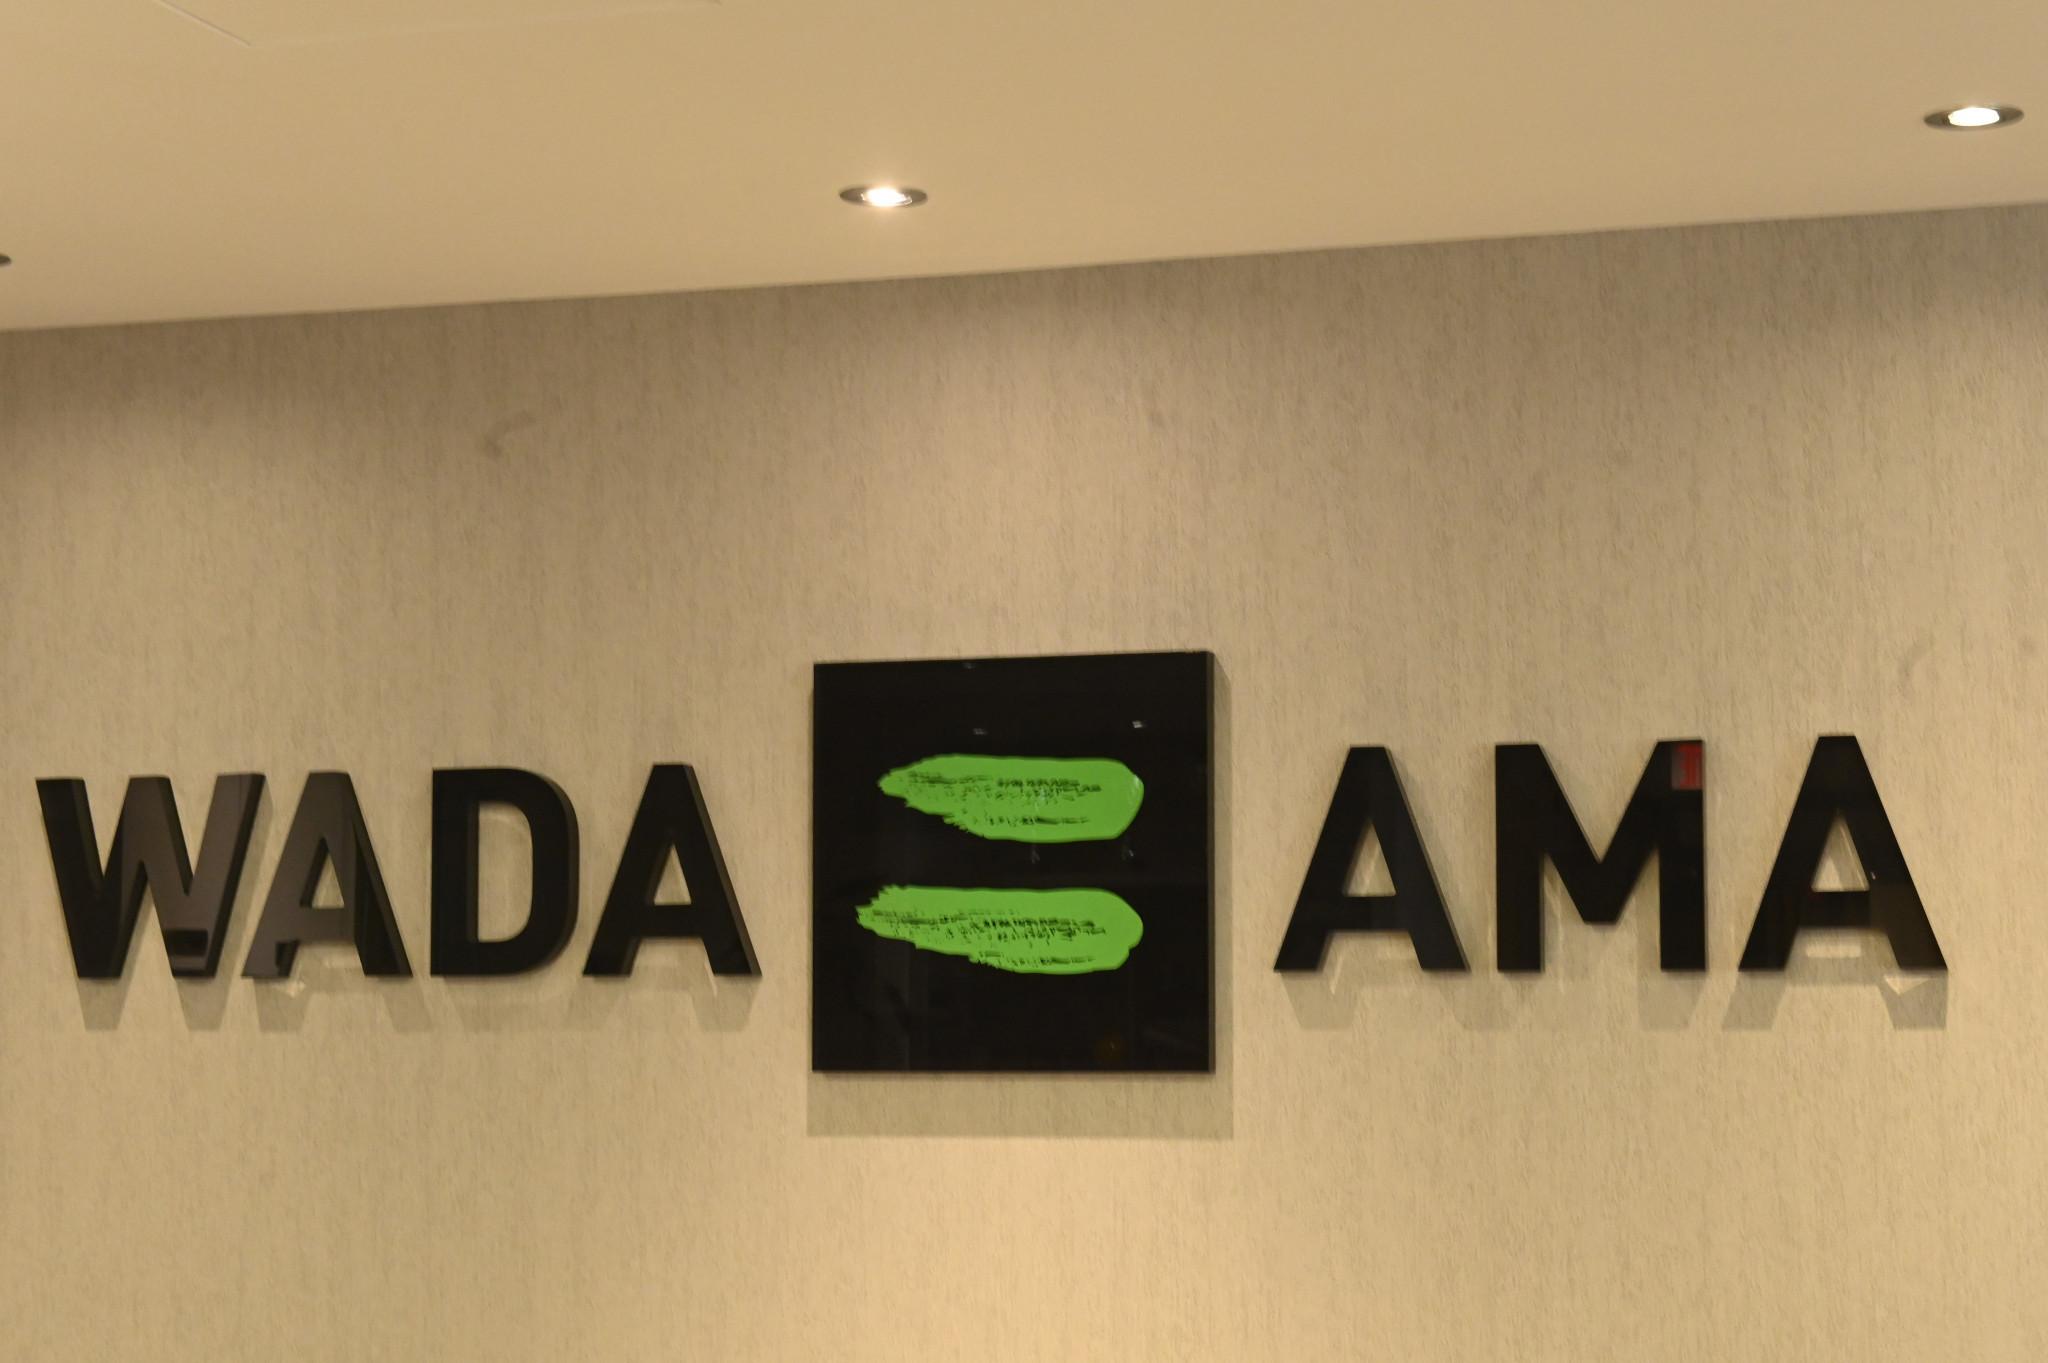 Comité Ejecutivo de la AMA se reunirá en Estambul